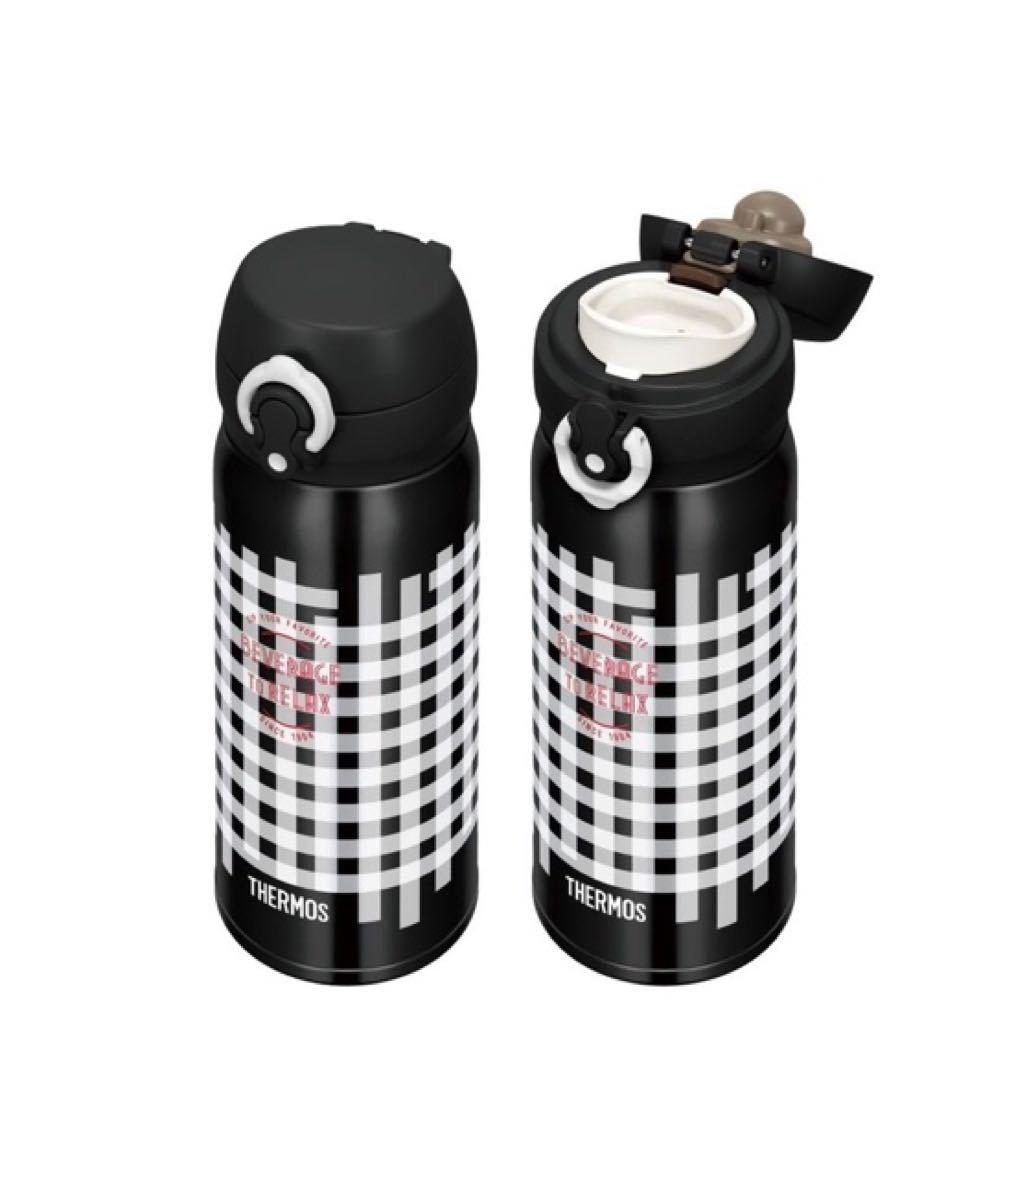 ★期間限定 サーモス真空断熱 ケータイマグボトル 0.4L チェック黒色